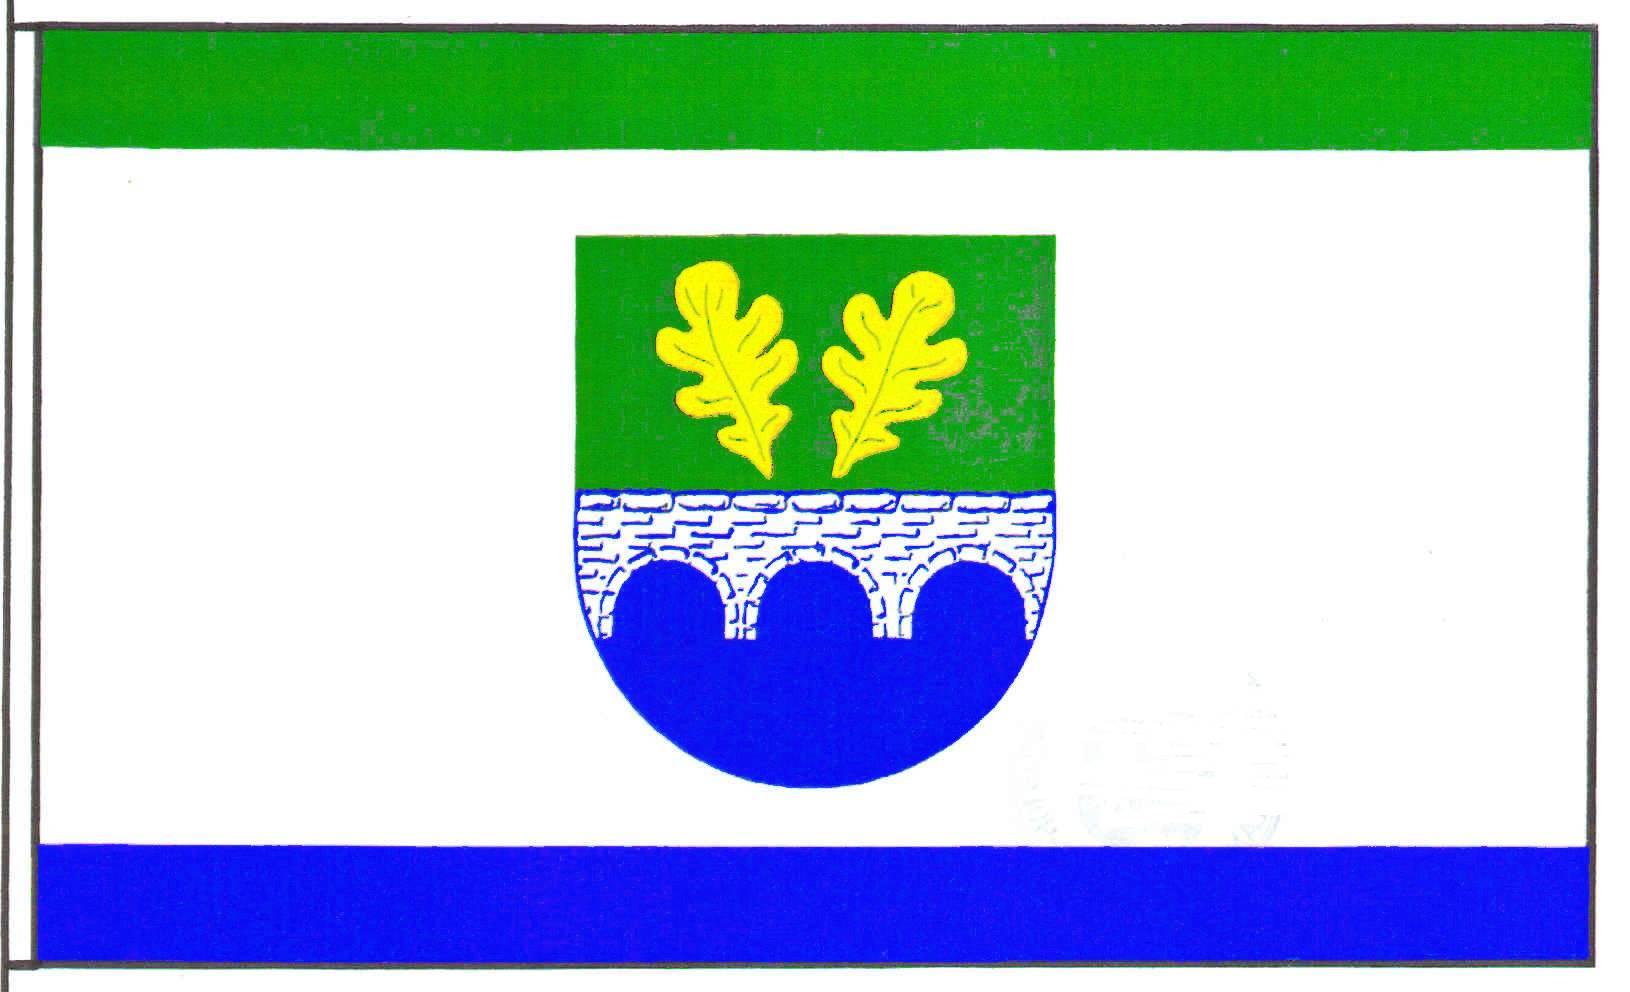 Flagge GemeindeSchmalfeld, Kreis Segeberg